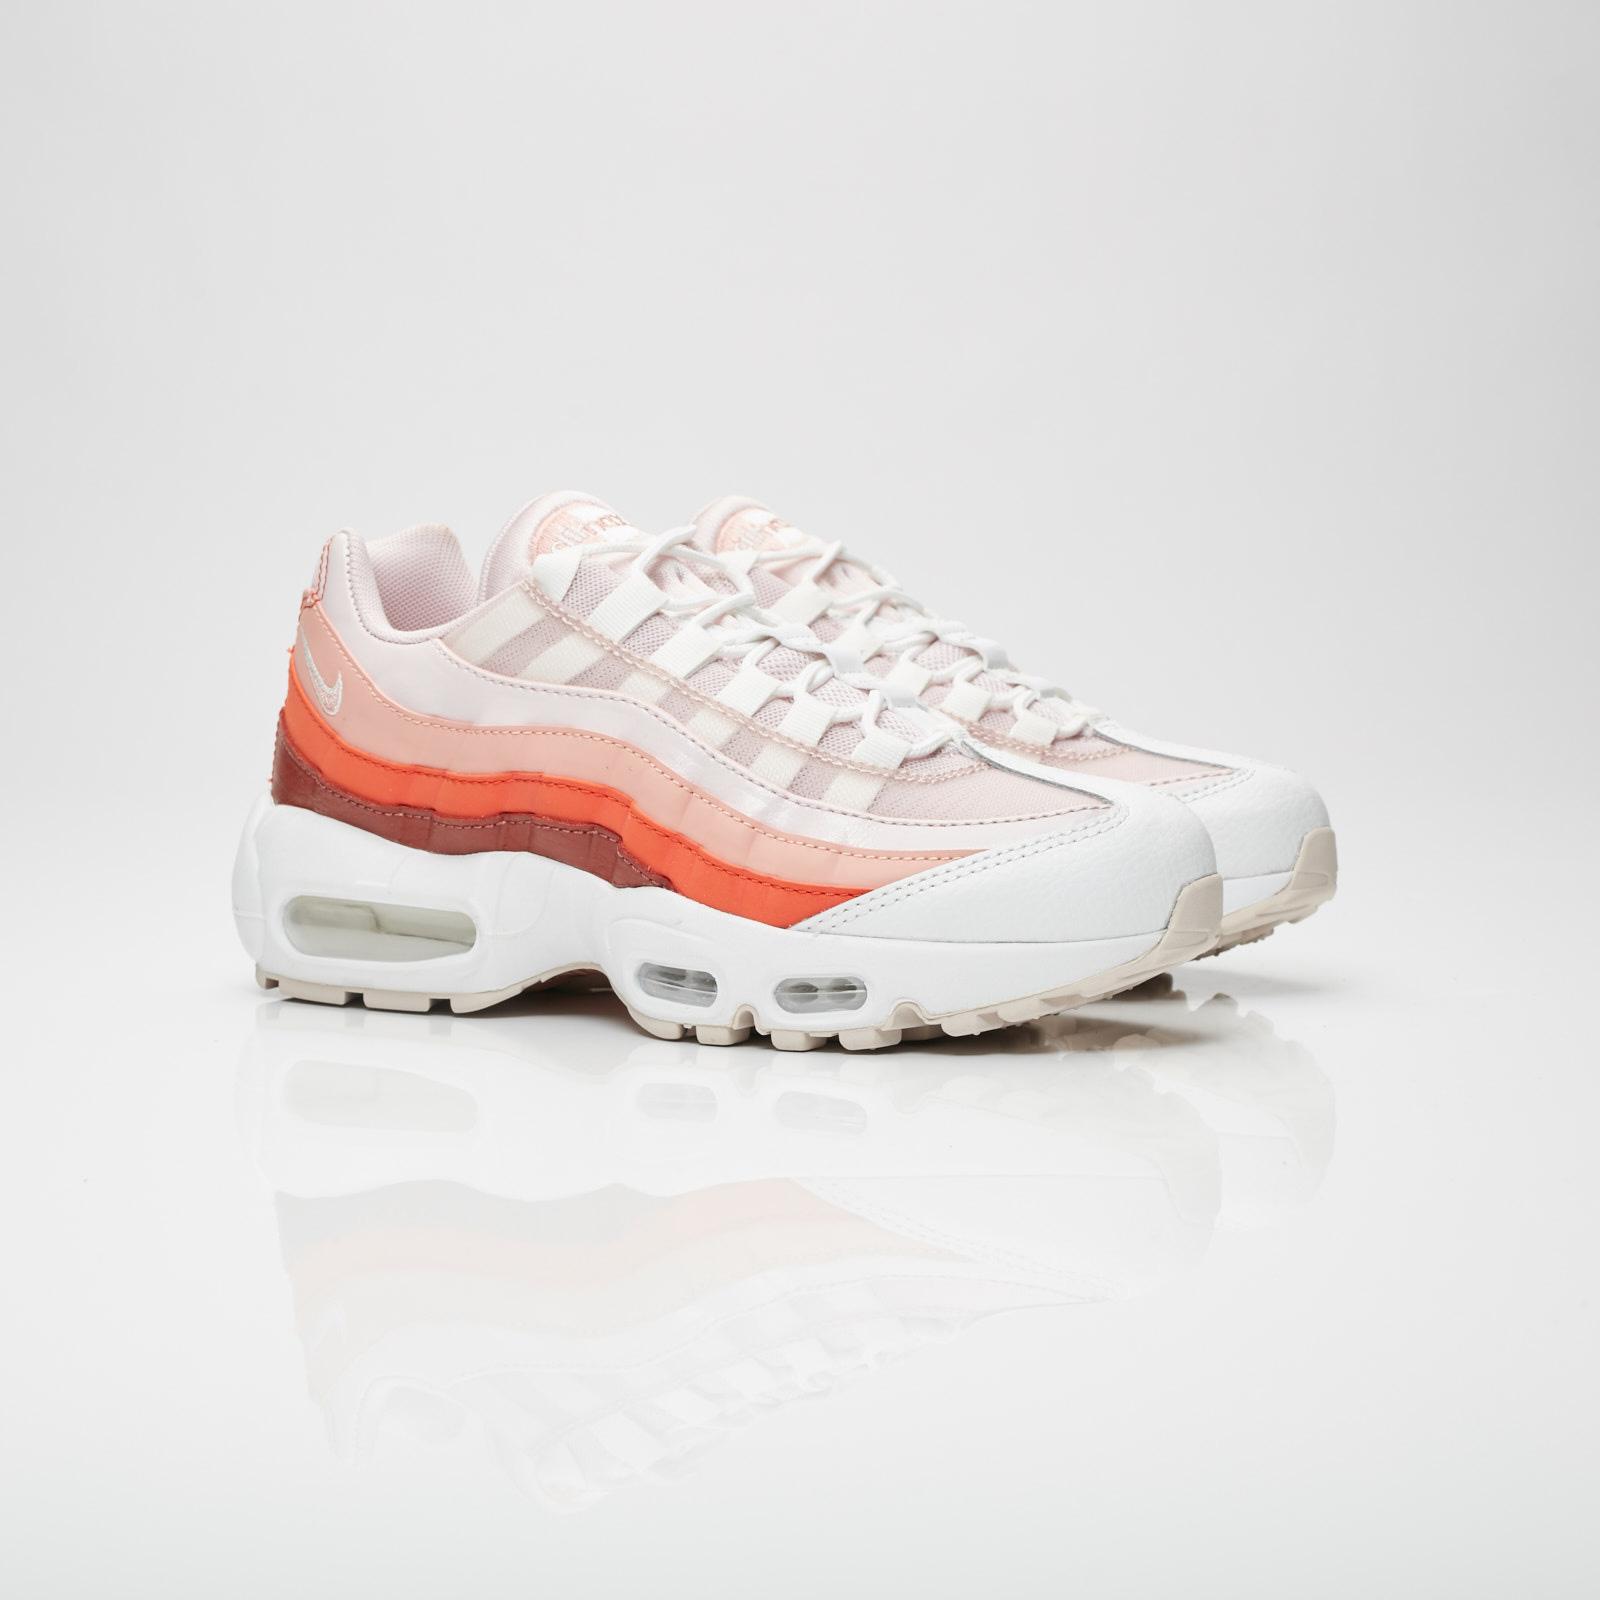 96220f6278 Nike Wmns Air Max 95 - 307960-604 - Sneakersnstuff